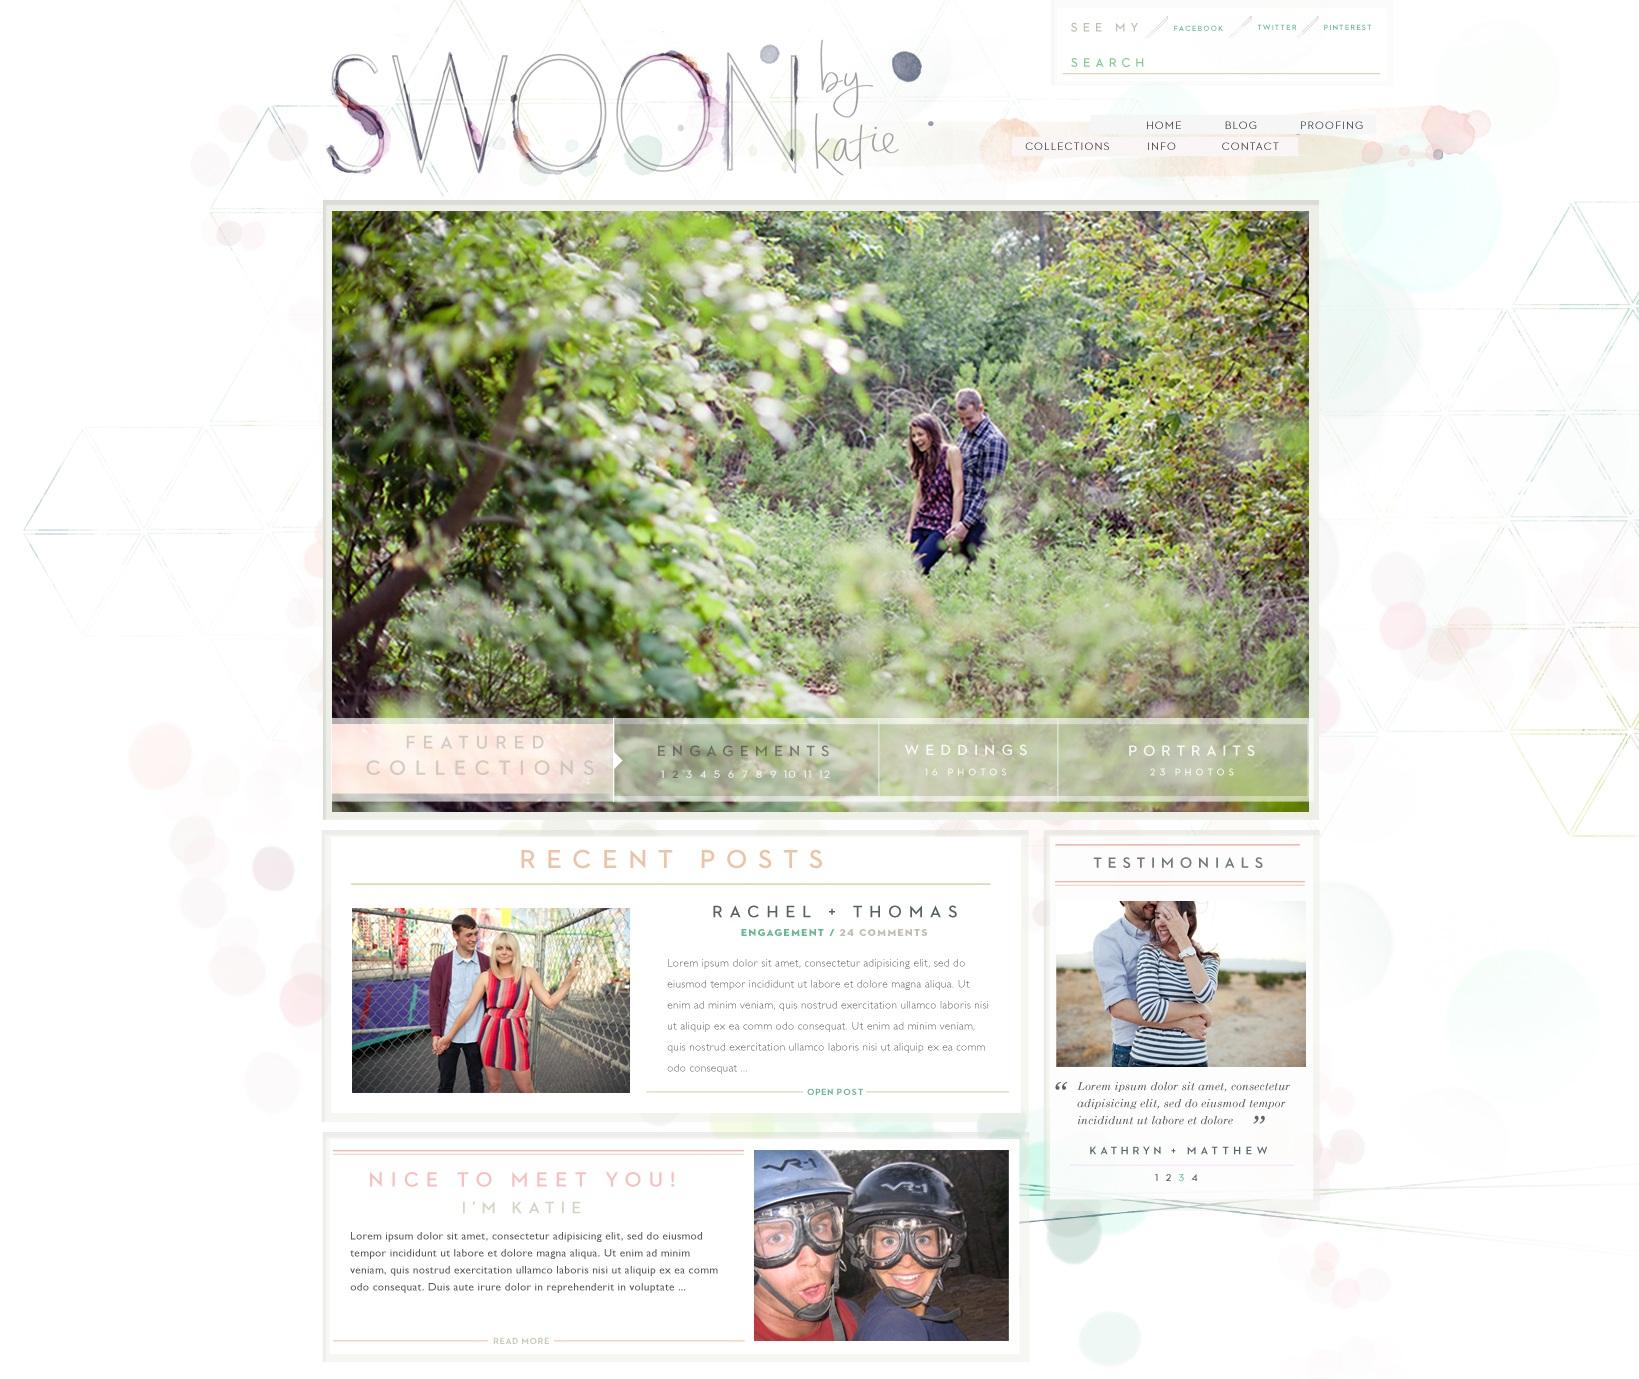 SbyK_Blog_HOME.jpg